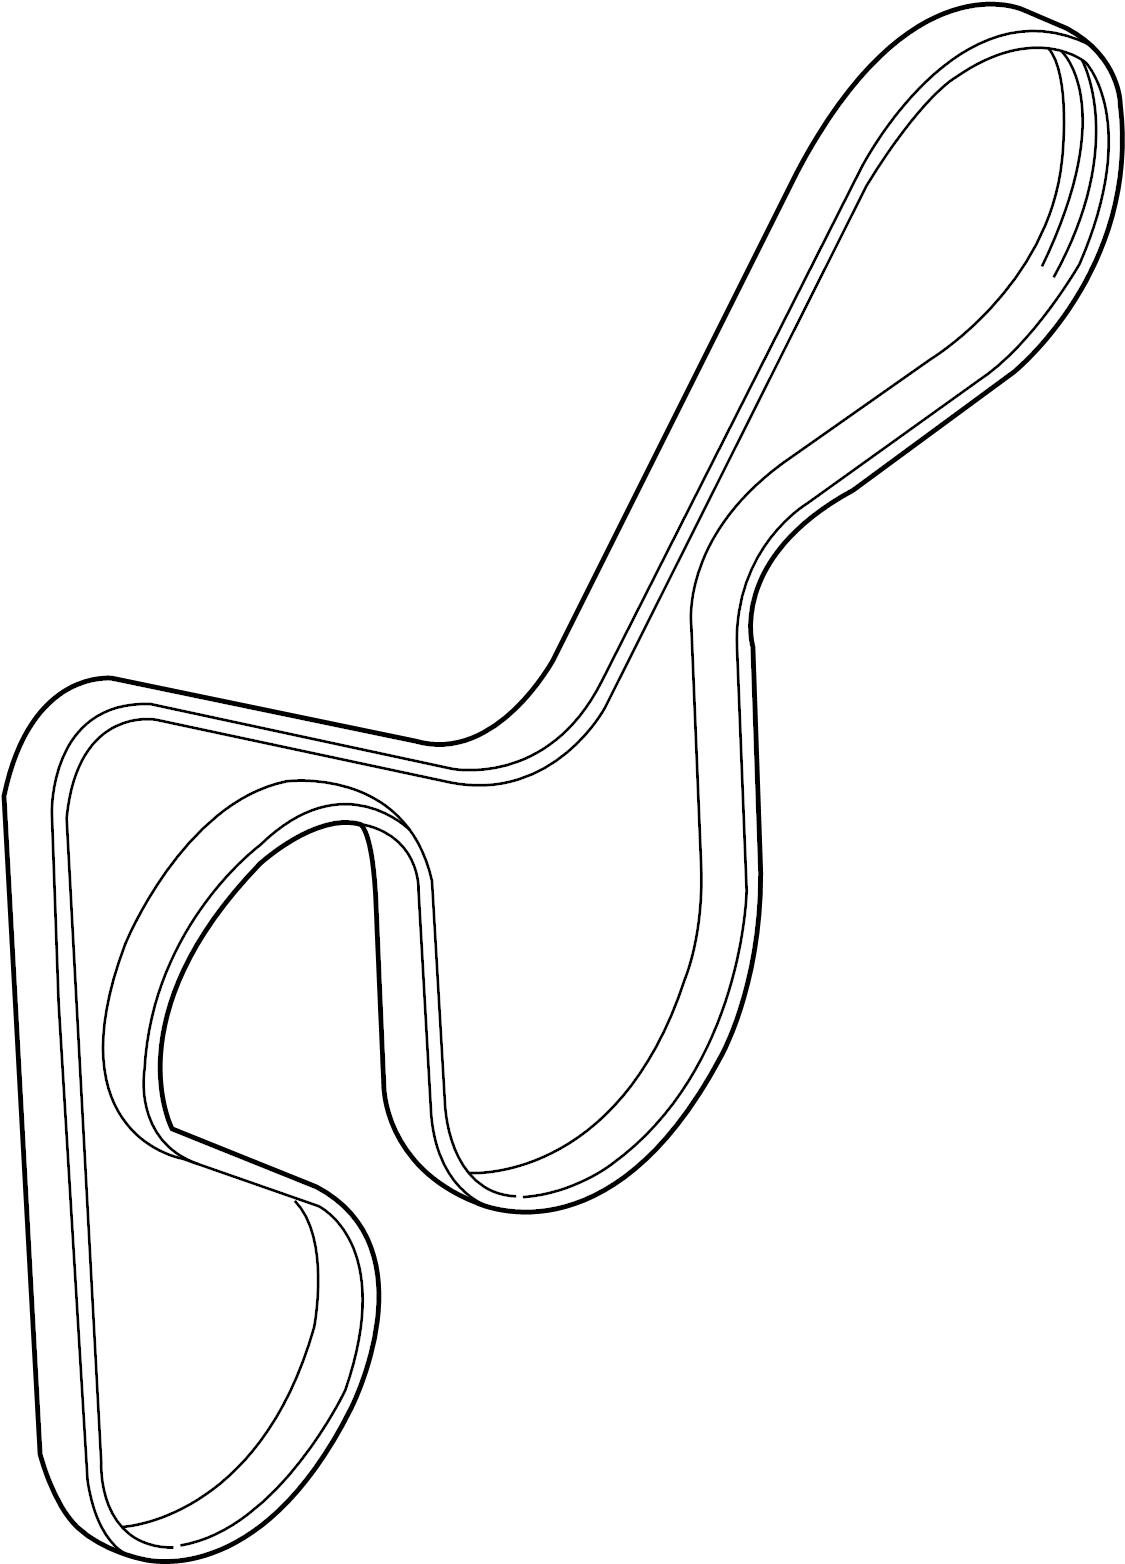 252122b020 hyundai ribbed belt v serpentine belt v. Black Bedroom Furniture Sets. Home Design Ideas